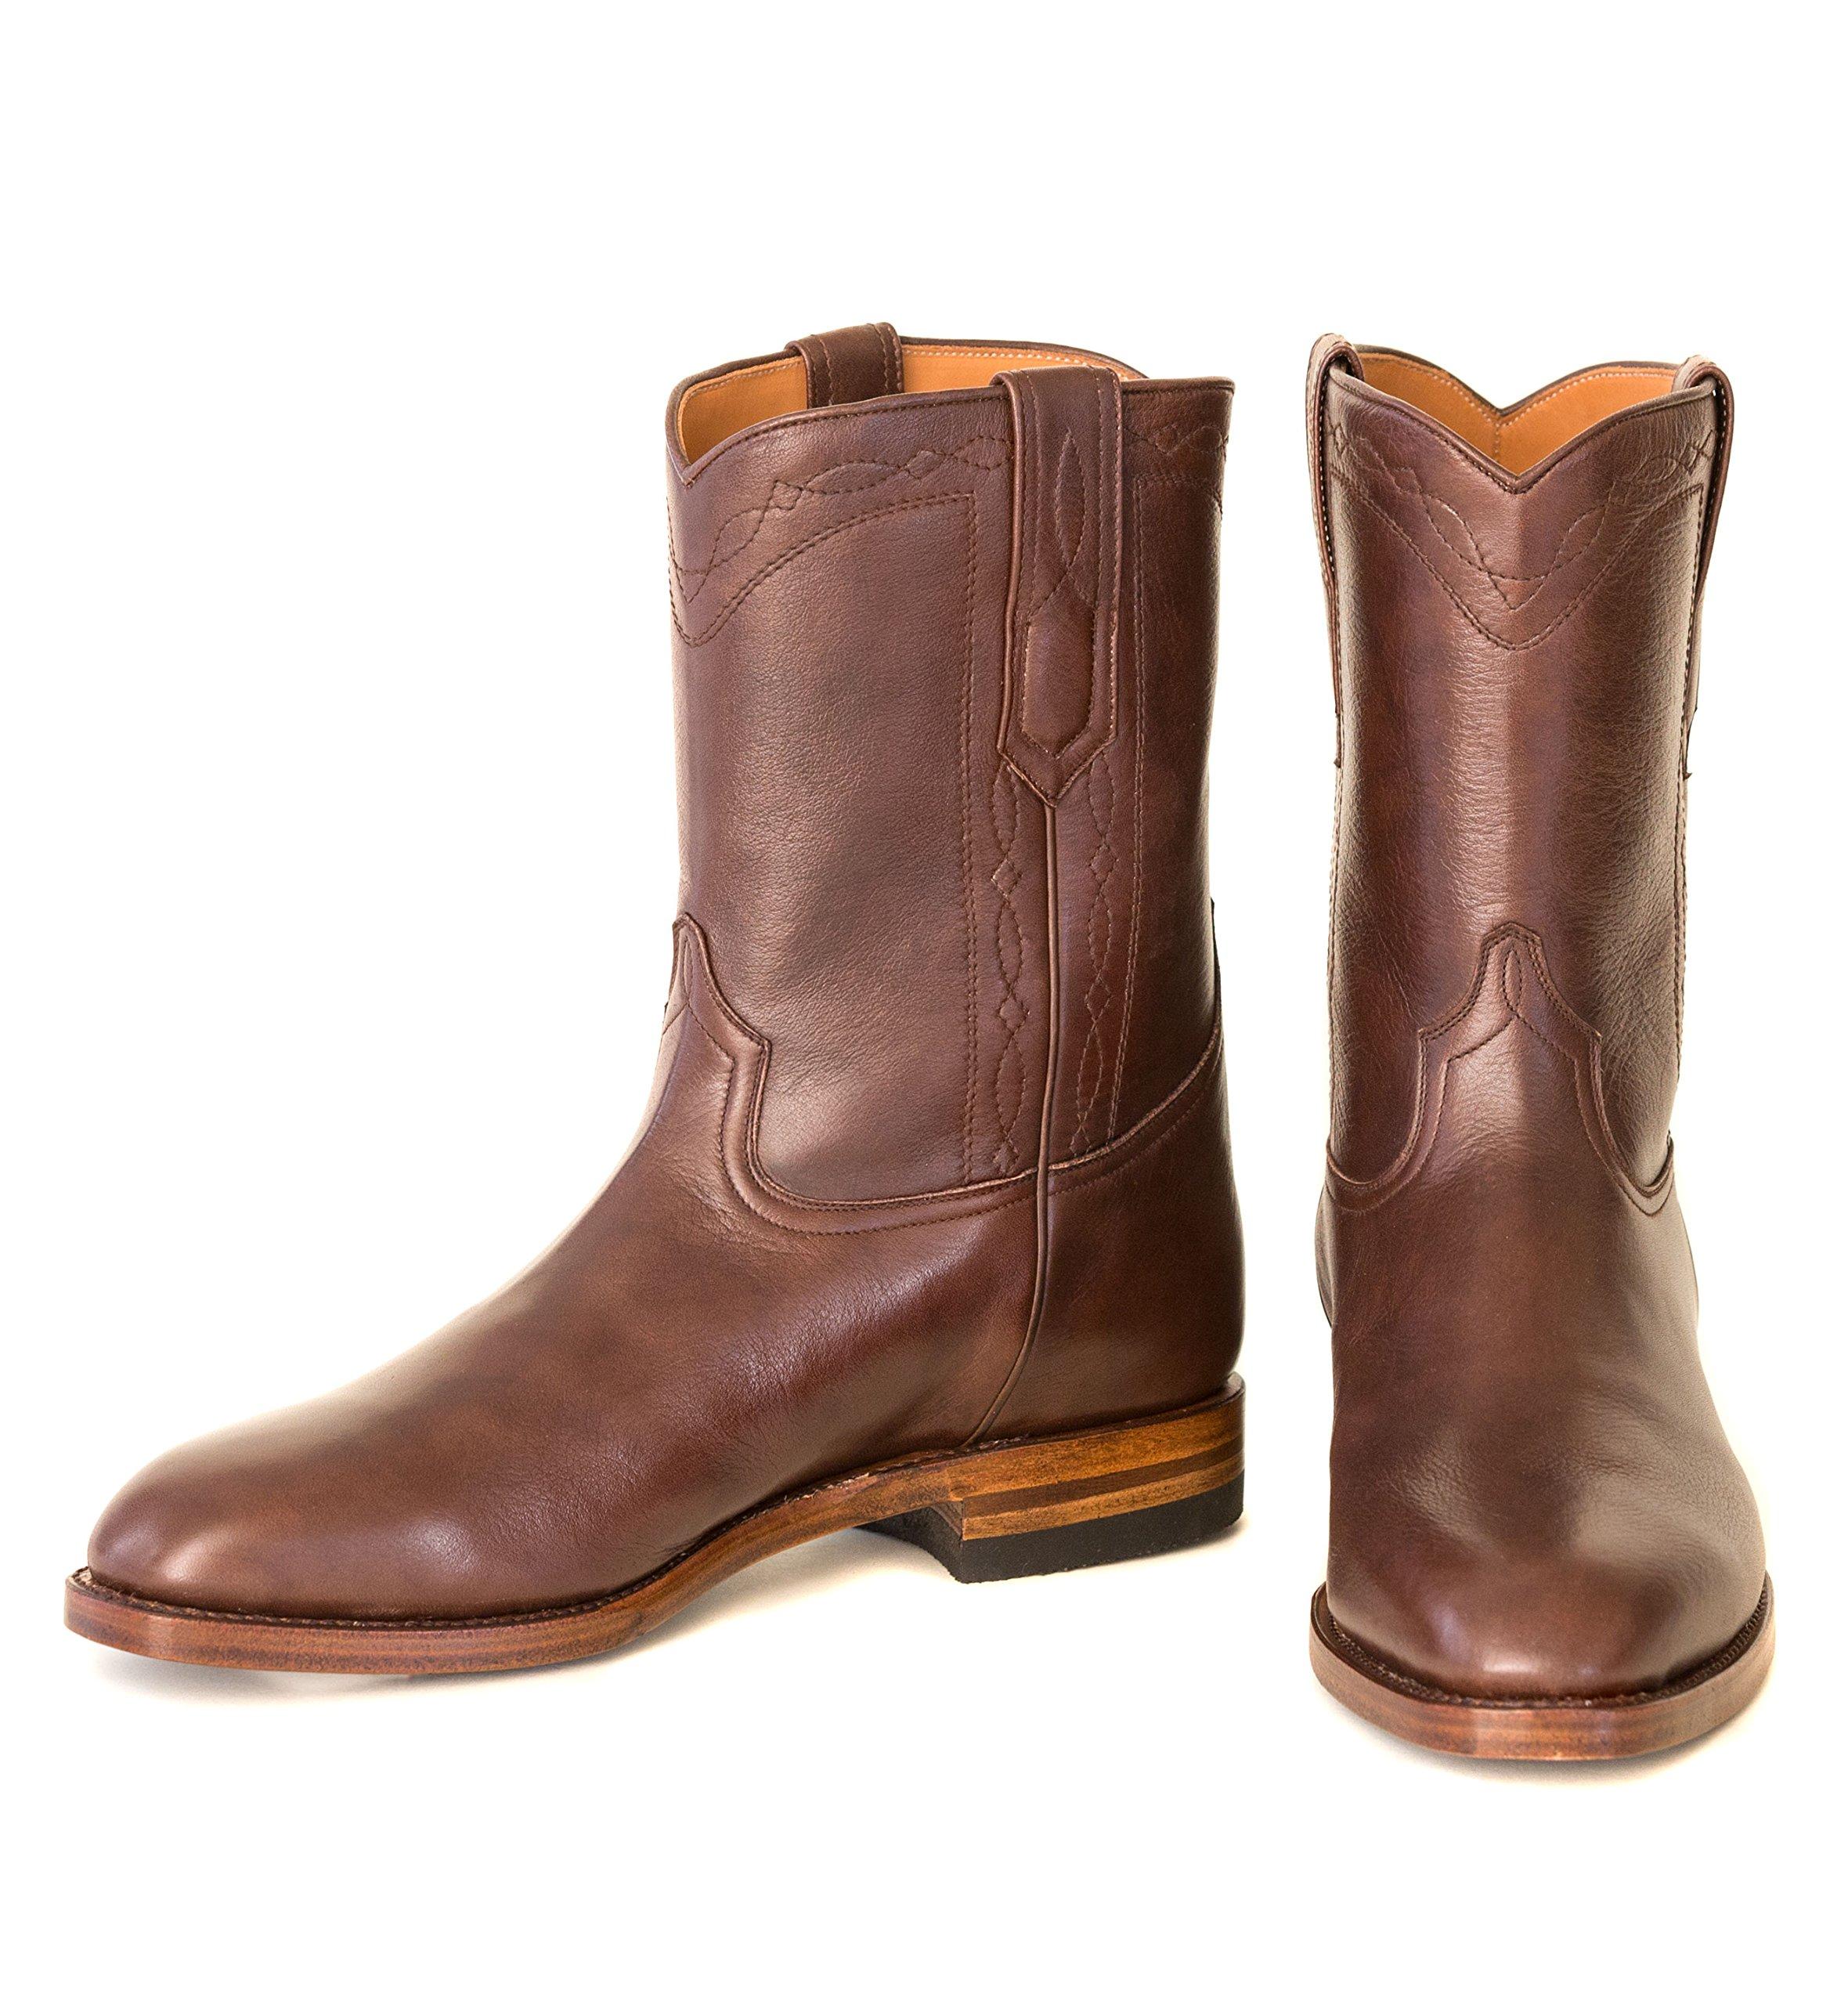 Ranch Road Boots Men's Bexar Cowboy Boot with Roper Heel US 7.5 Brown